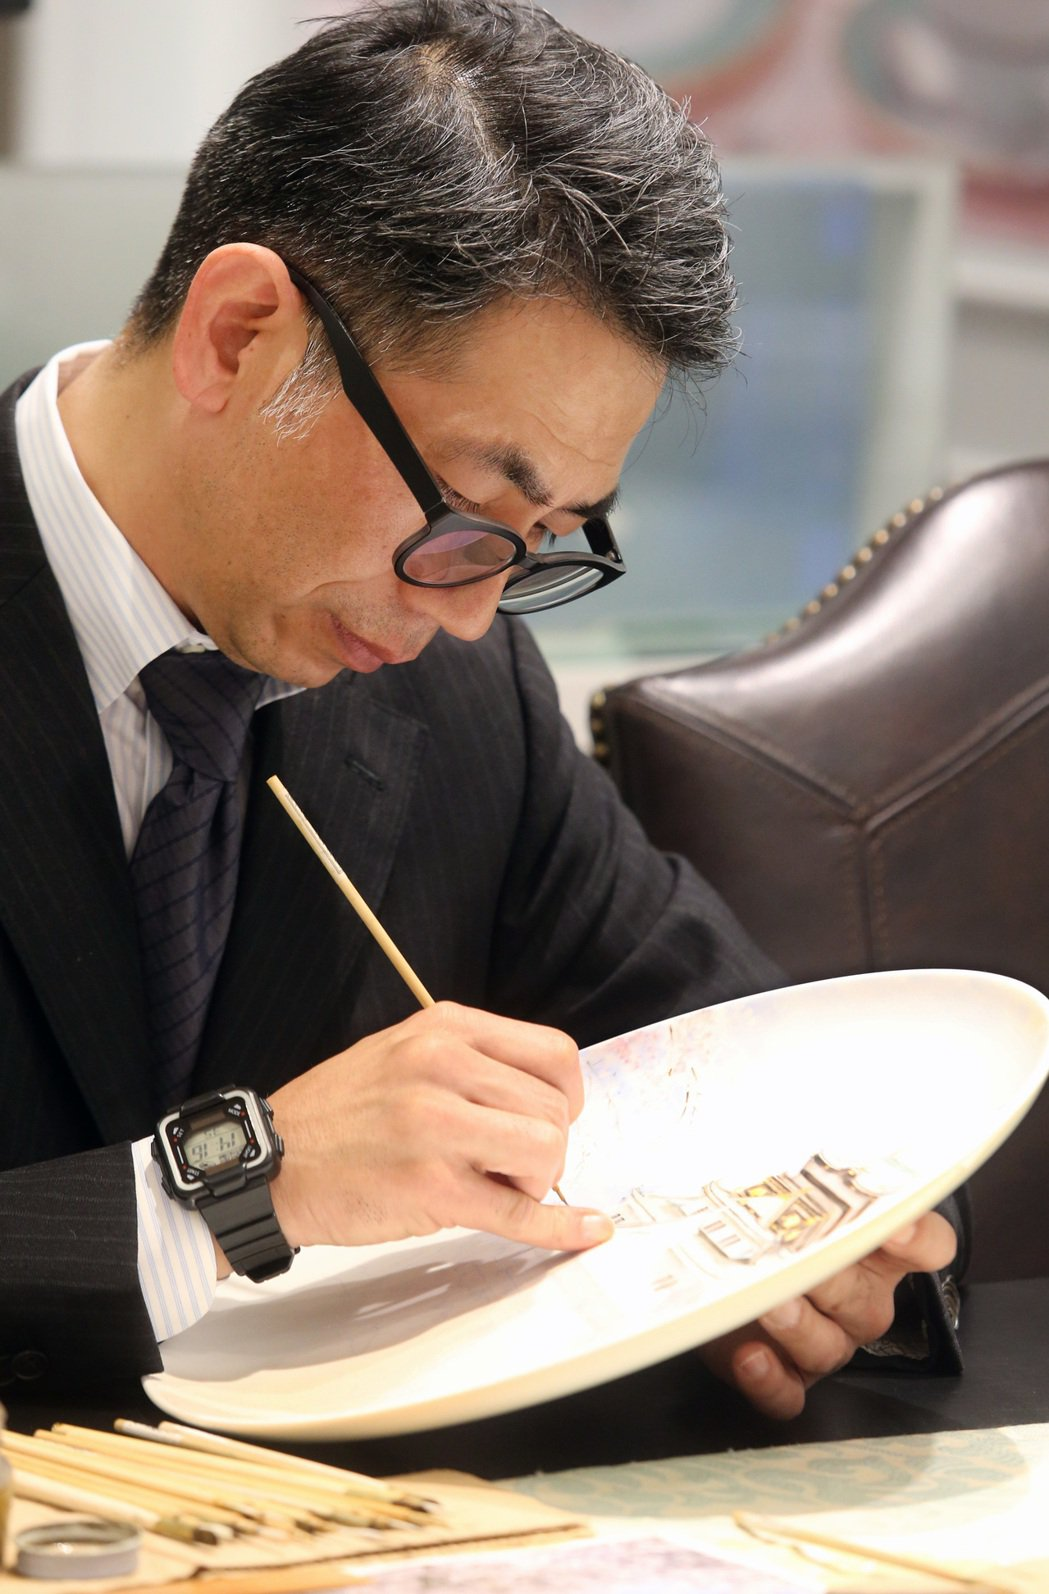 日本手繪大師岡田正己(圖)現場手繪大阪天守閣贈與阿諾做為新婚賀禮,讓阿諾相當開心...